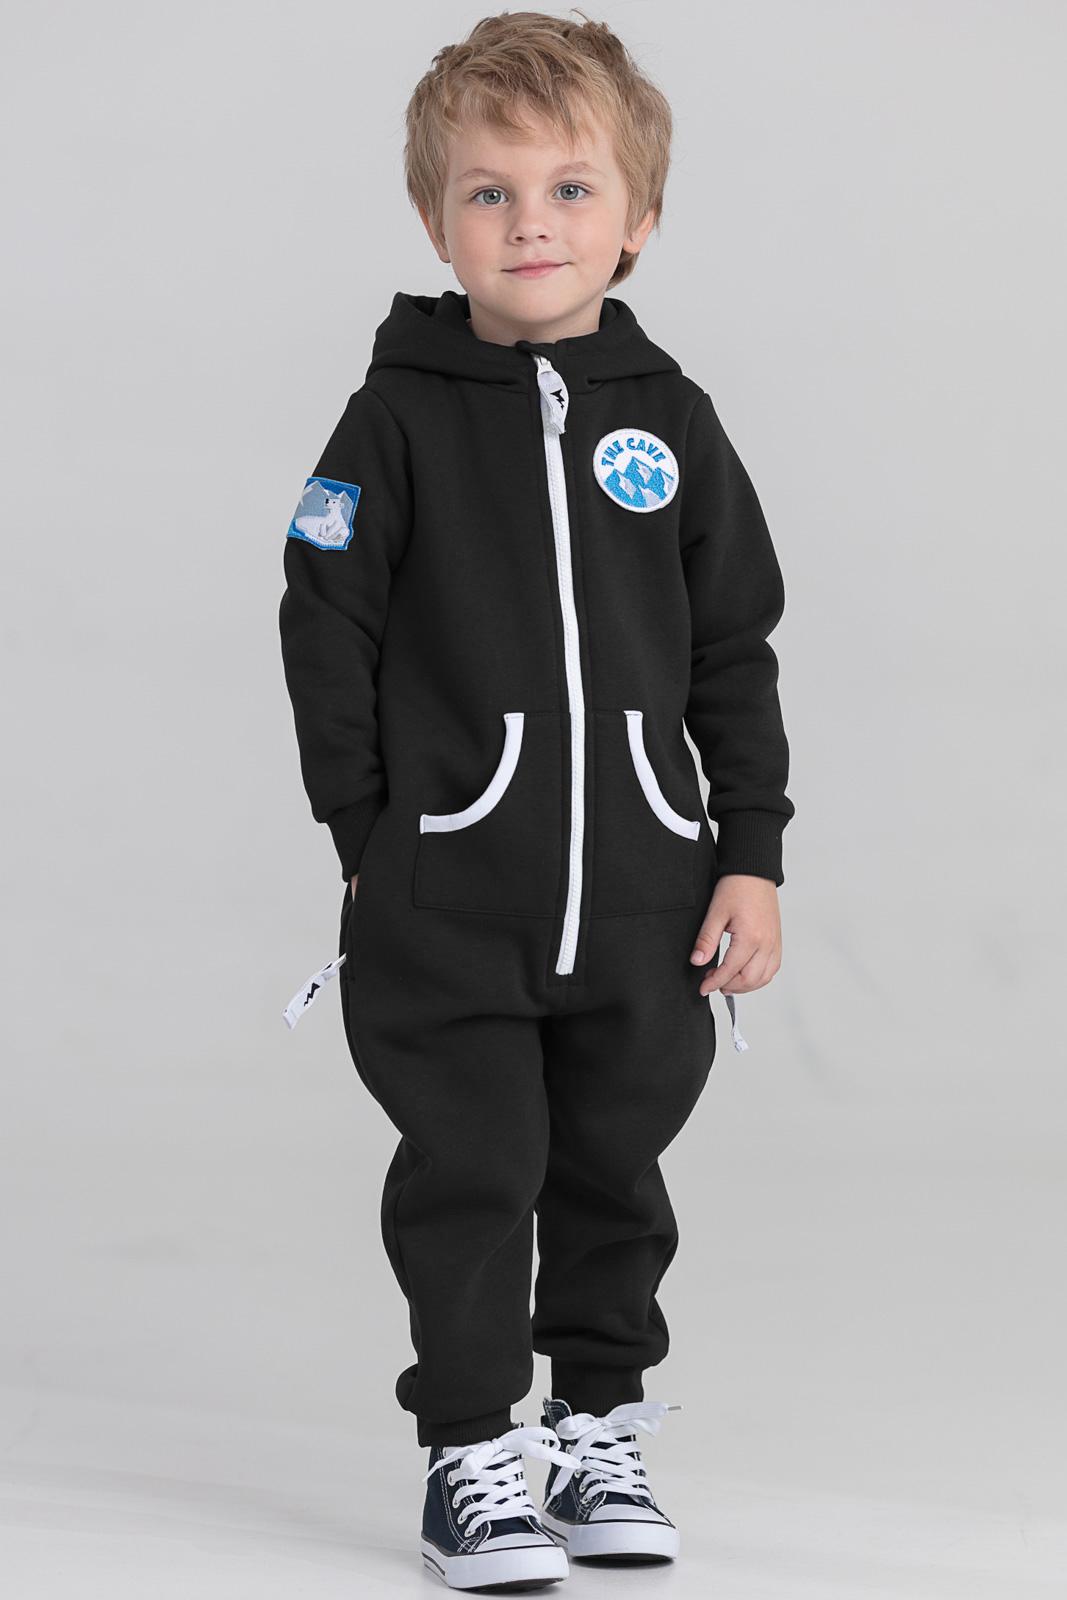 Детская домашняя одежда The Cave Детский комбинезон Darrel Цвет: Черный (4-6 лет)